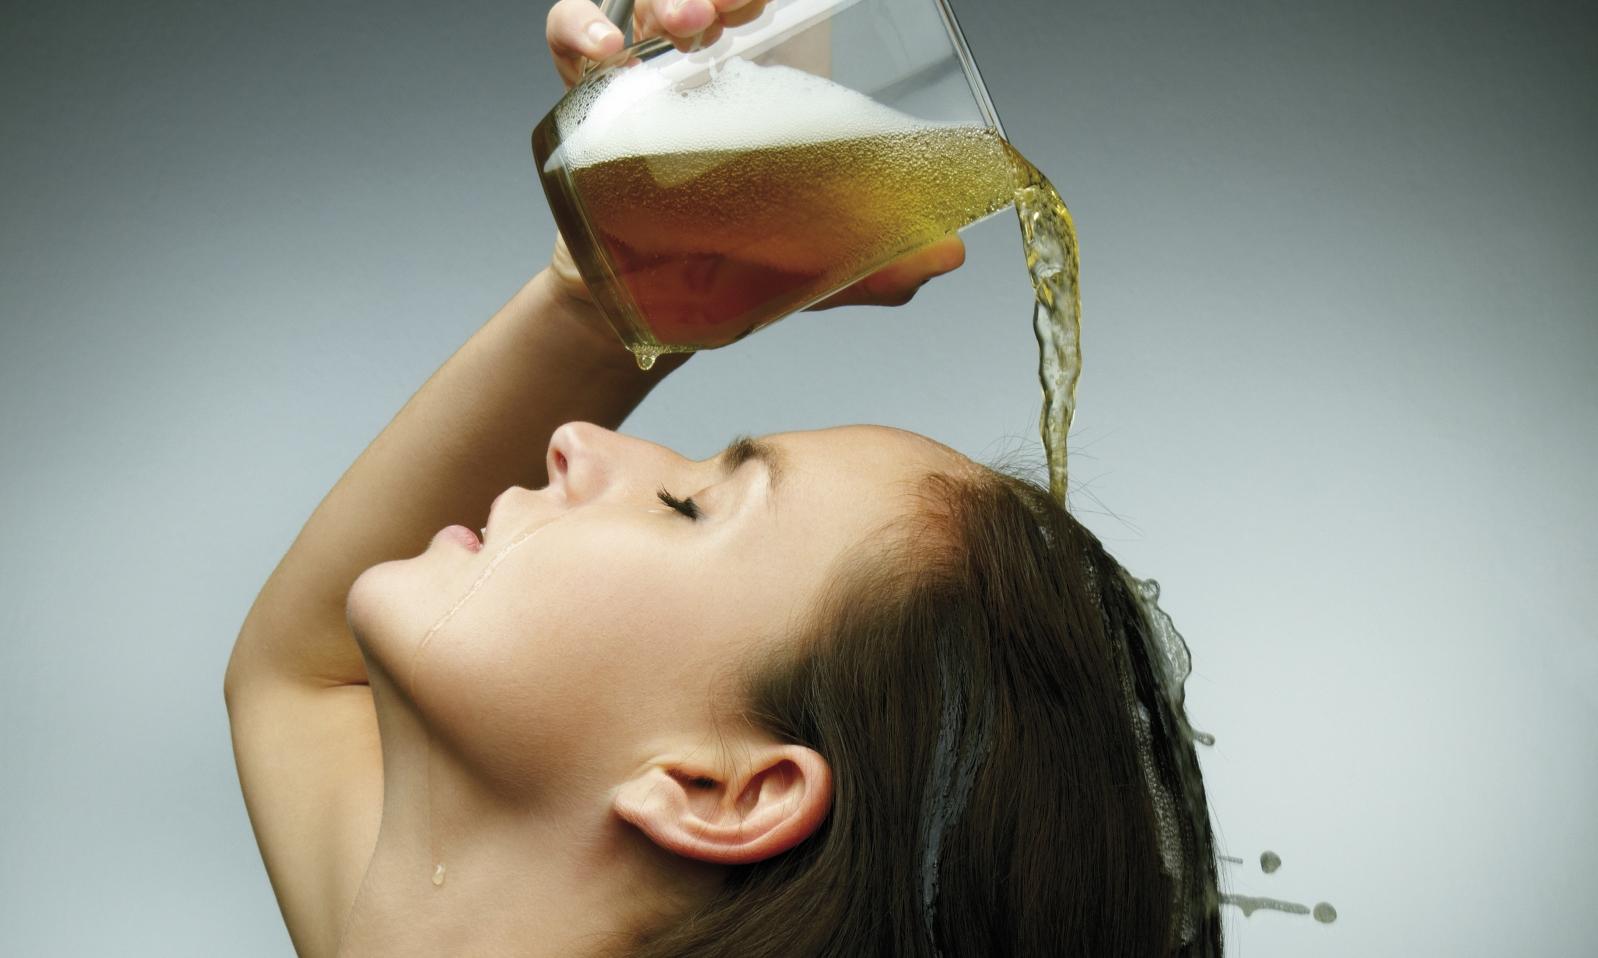 Come schiarire i capelli naturalmente con la birra - Ricette facili e veloci - About Beauty